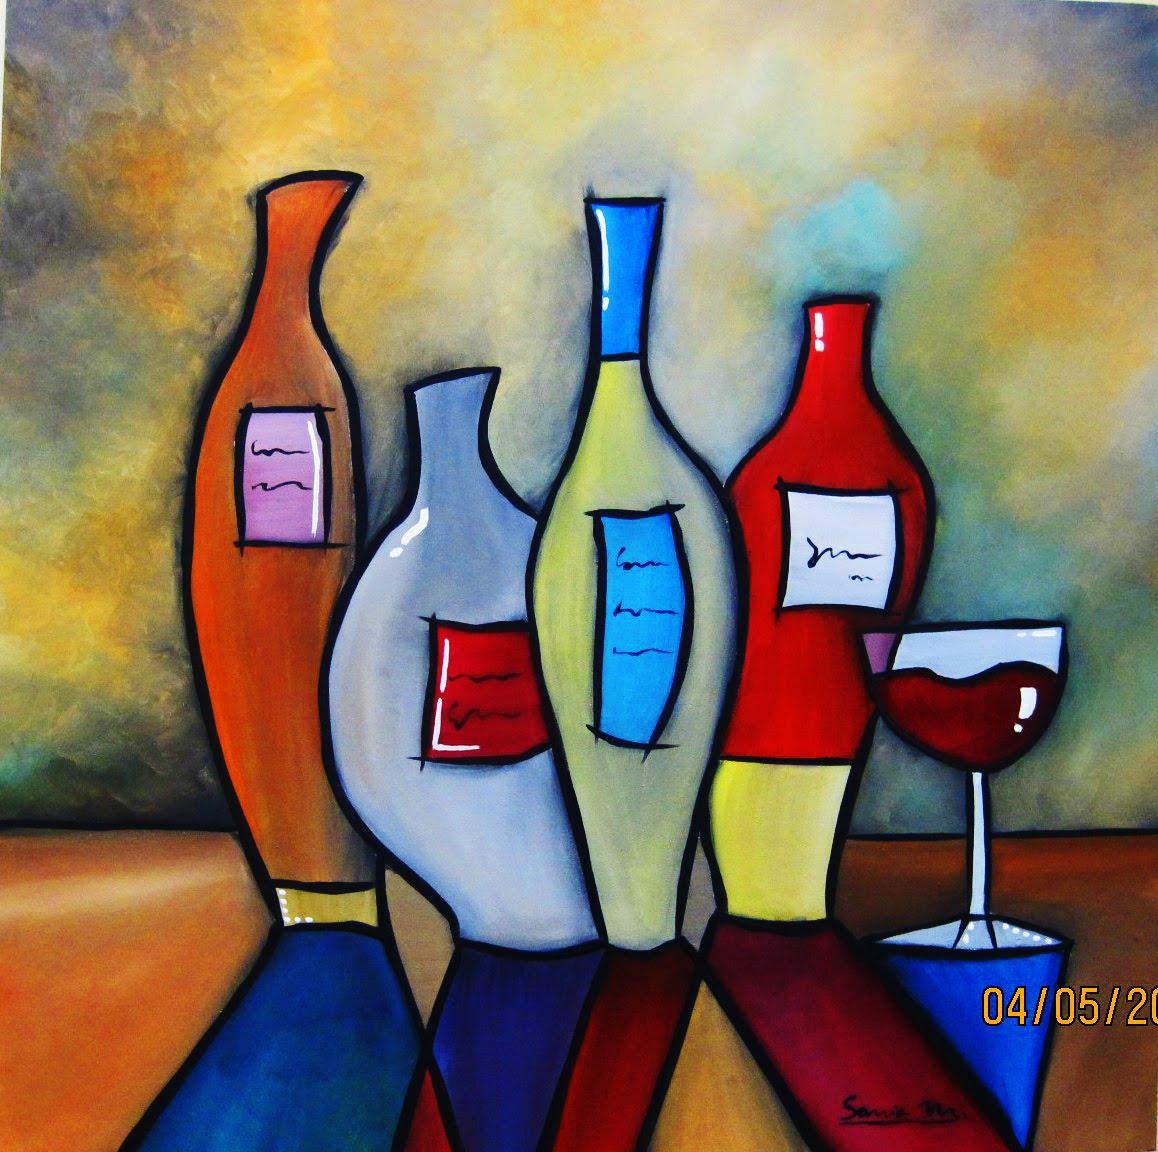 Pinturas abstractas geometricas imagui for Imagenes de cuadros abstractos faciles de hacer